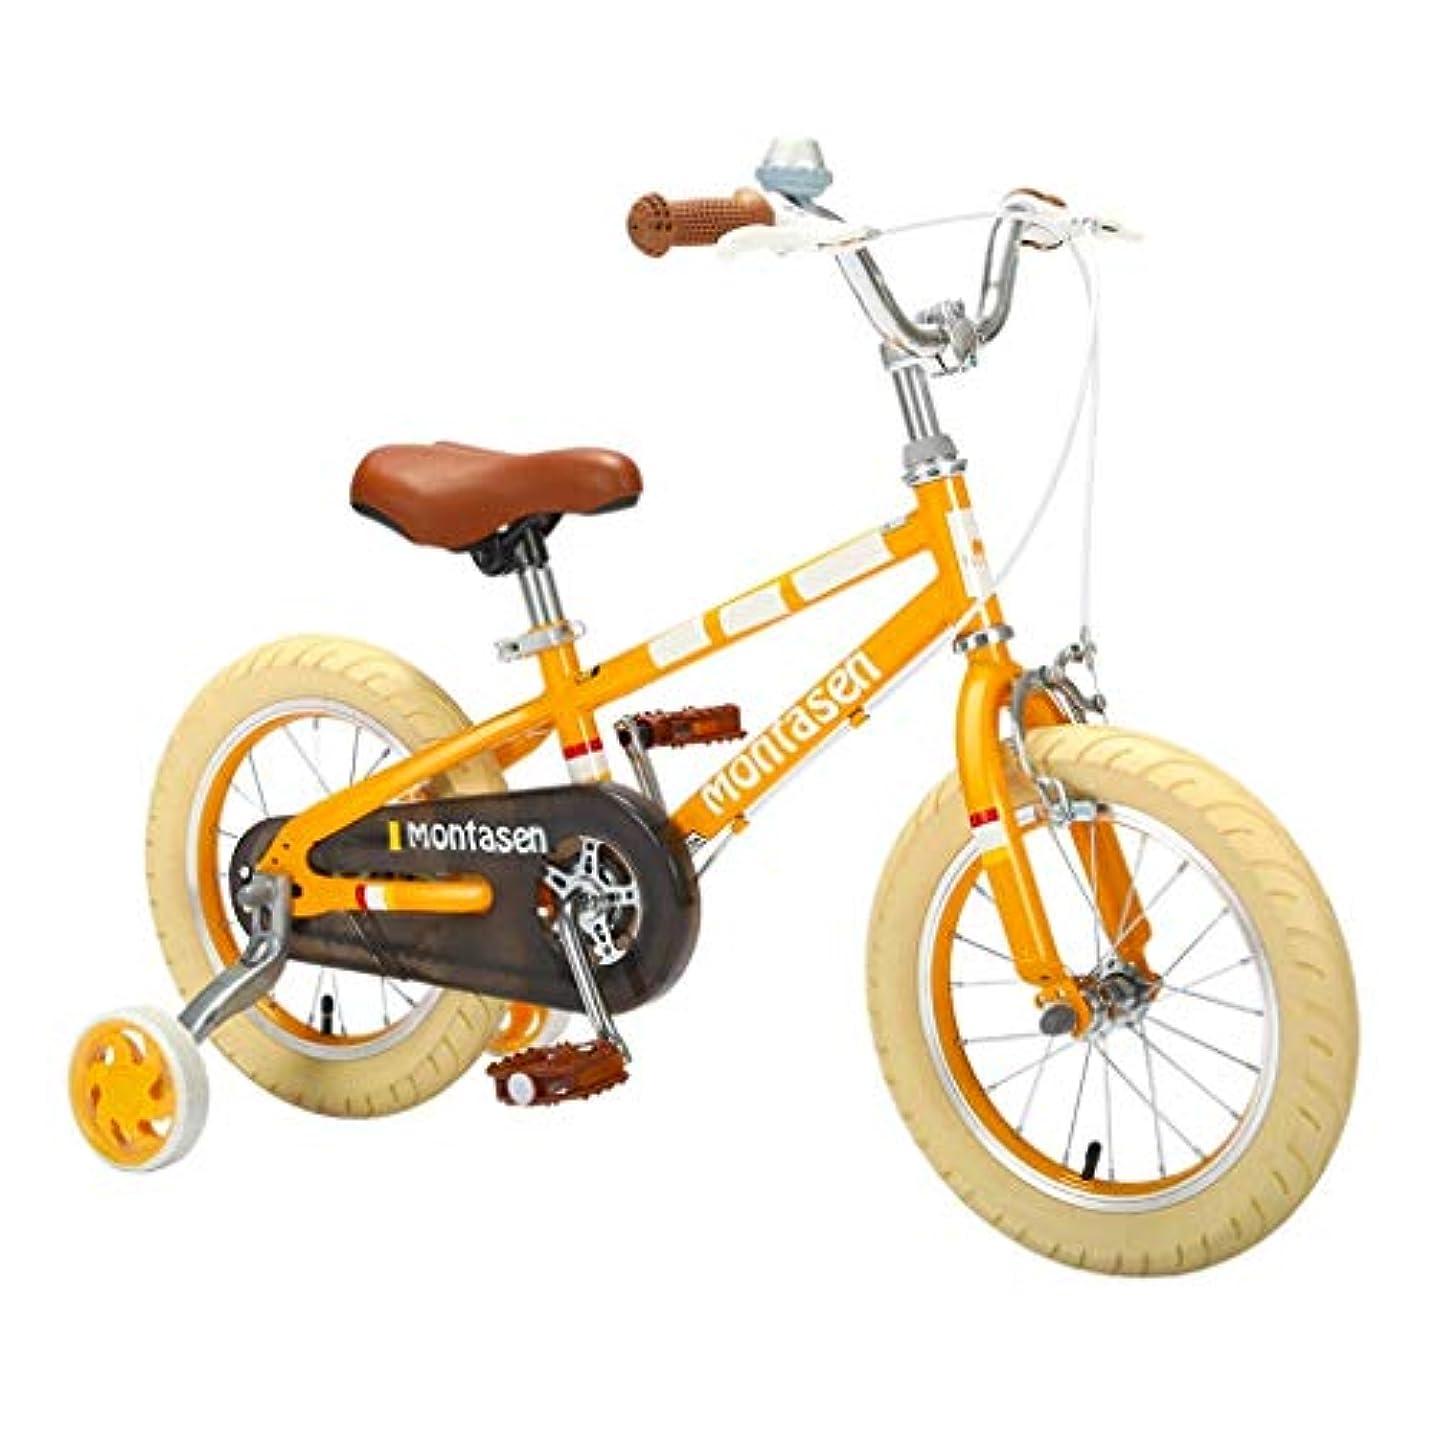 ジョージバーナードしばしばうぬぼれた自転車旅行の子供の自転車4-6歳の補助の補助輪が付いている女の子の男の子の子供の自転車